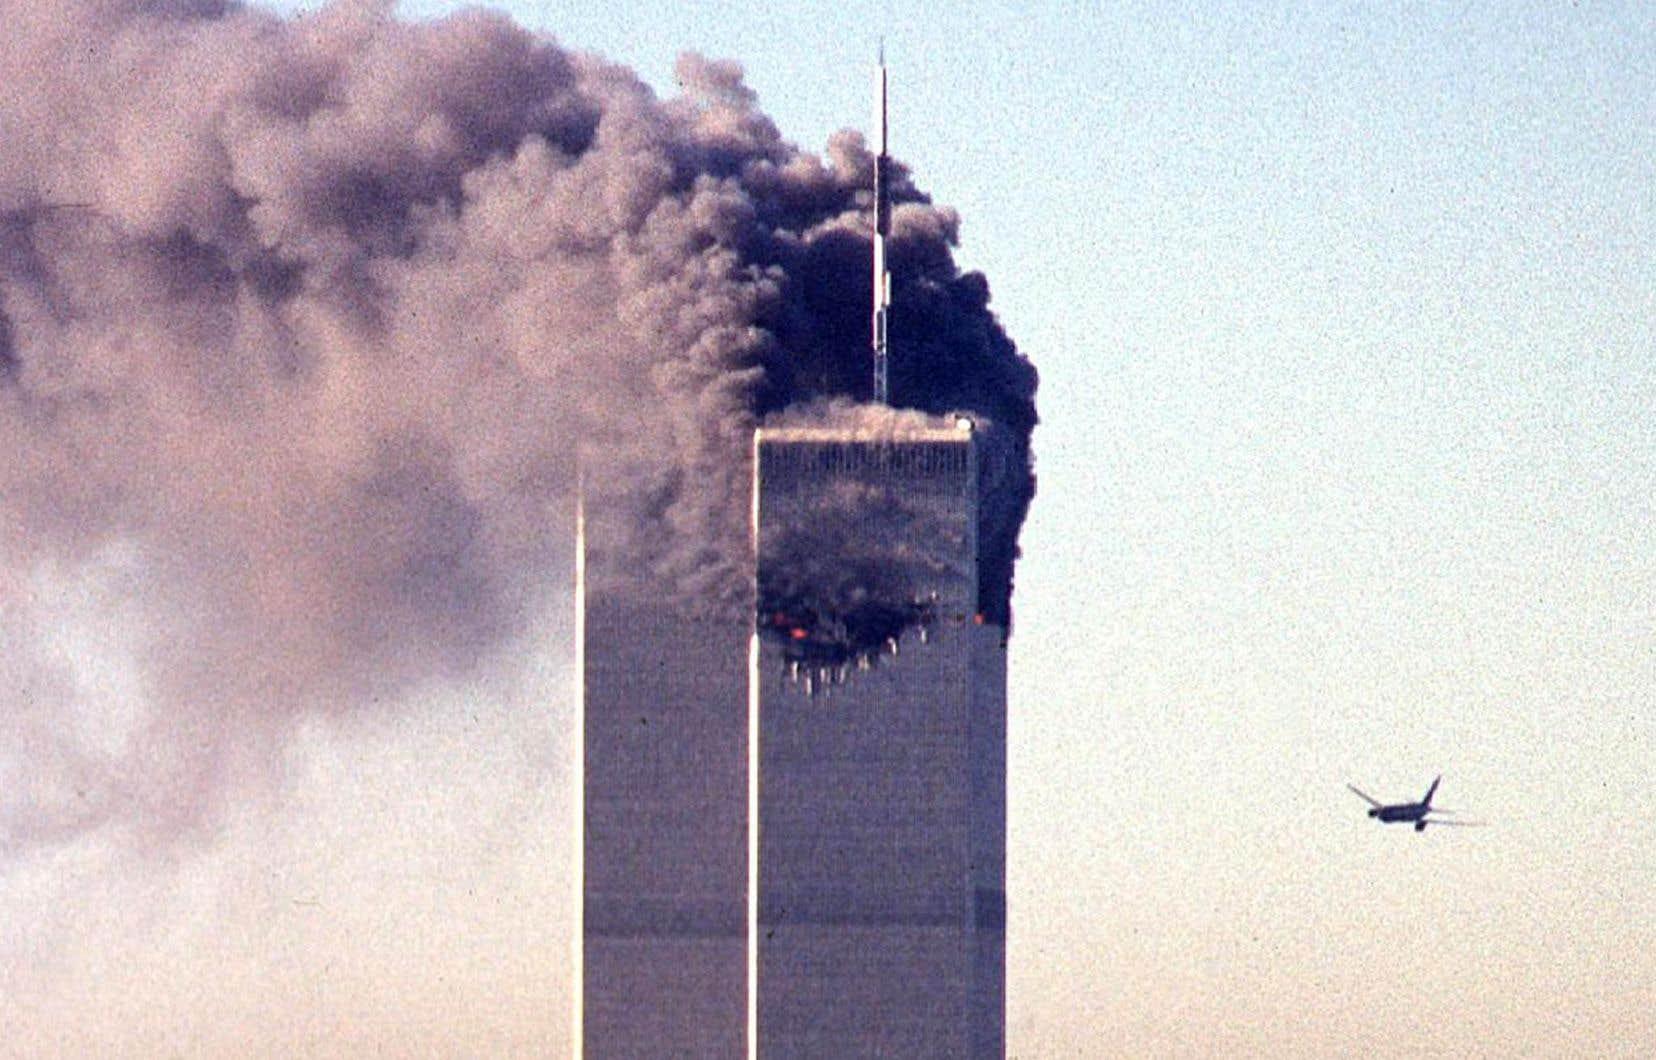 Les mesures de sécurité mises en place à la suite du 11 Septembre 2001 auront permis d'éviter de nouveaux attentats d'envergure en Occident dans les années qui ont suivi.